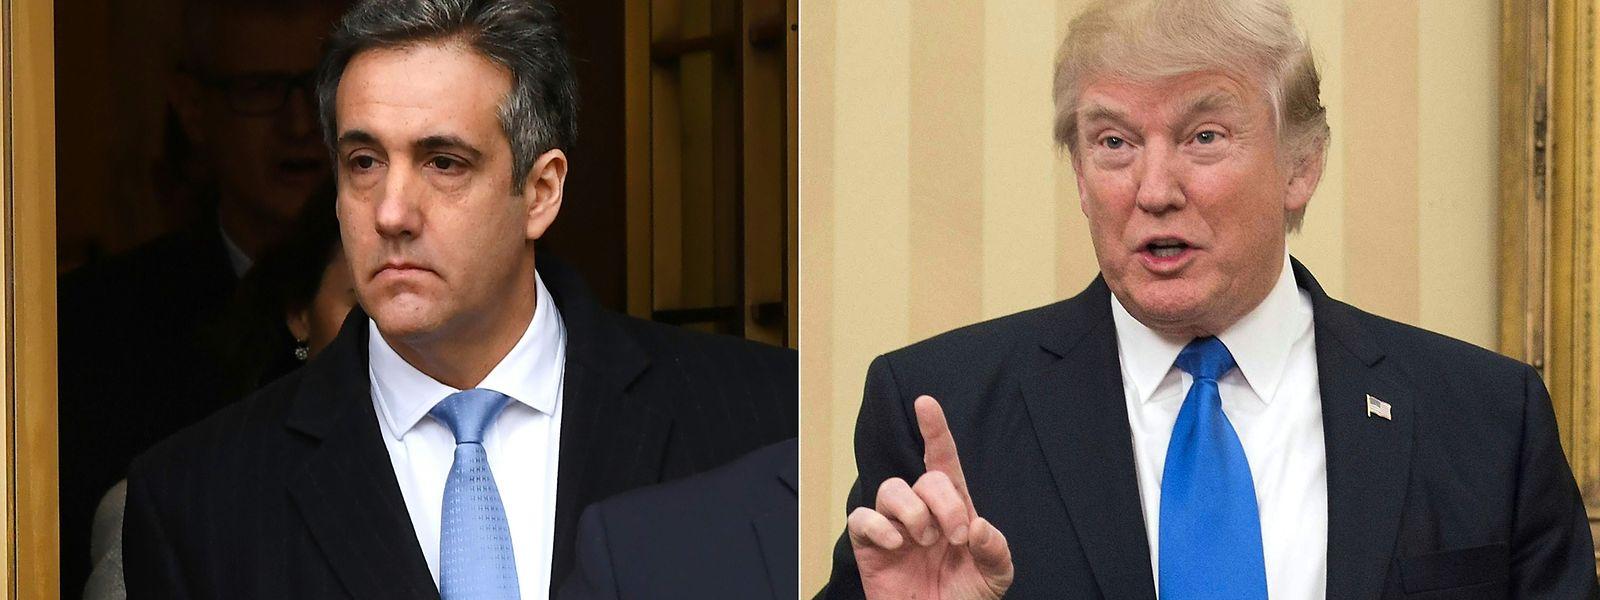 Donald Trump und sein früherer Anwalt Michael Cohen (l.).